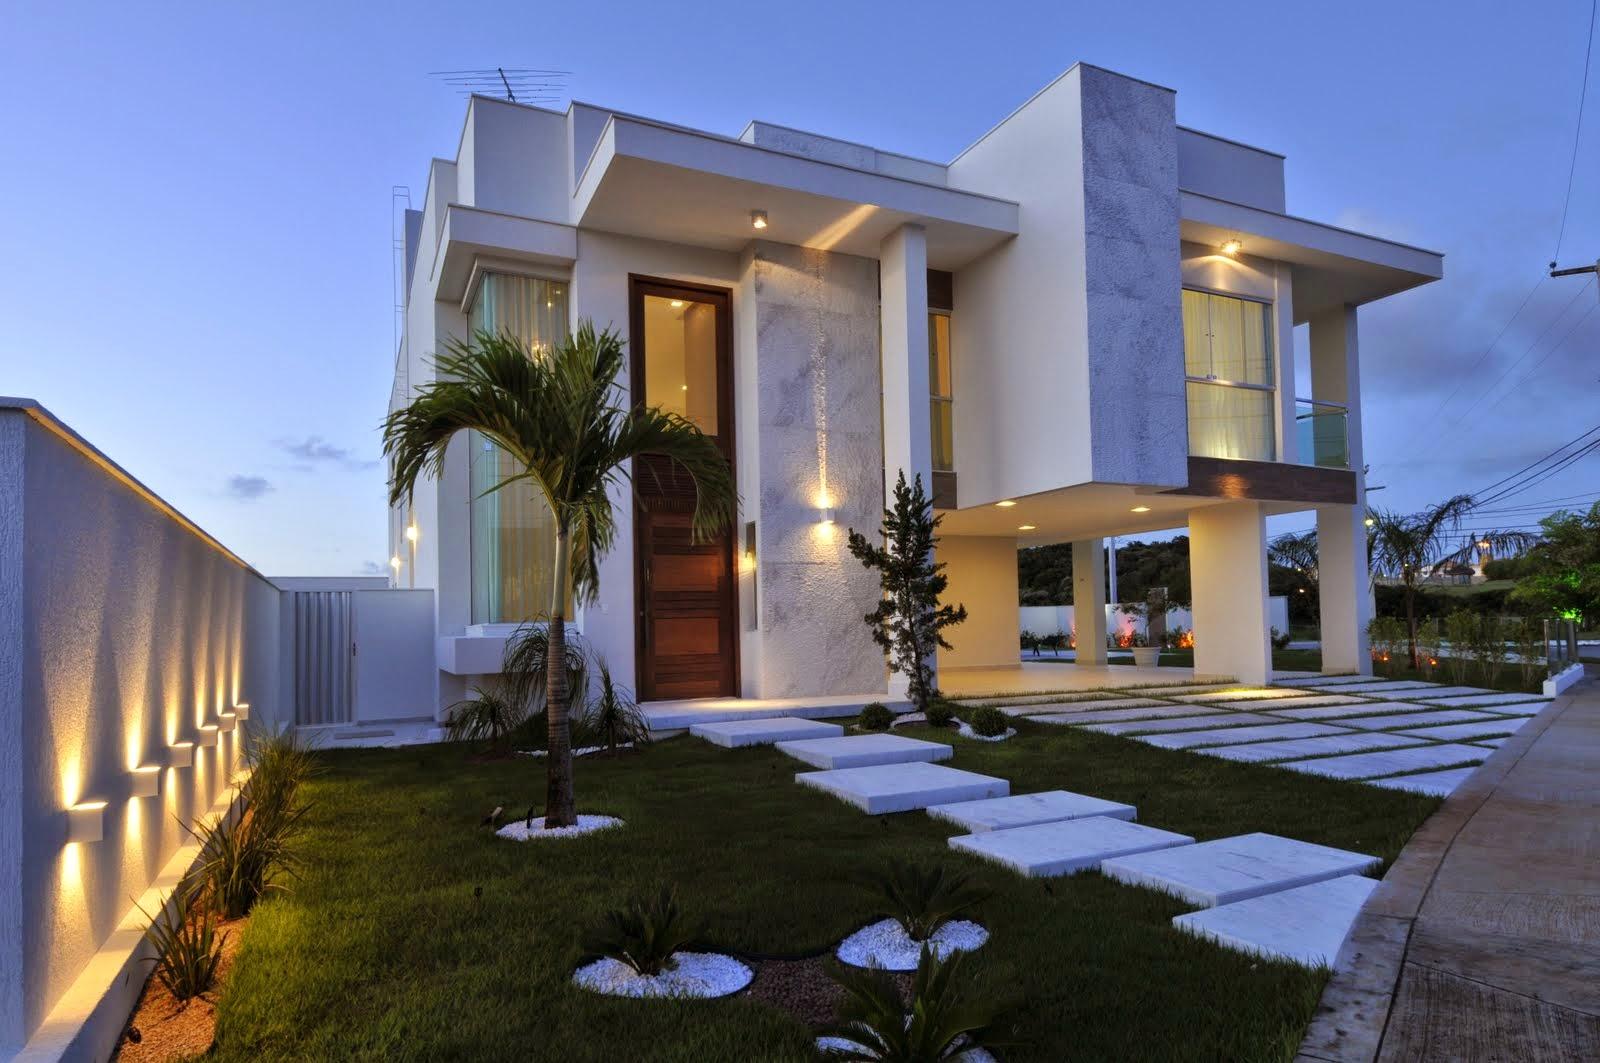 Fachada de casas modernas fachada de casa pequena e for Fachada de casas modernas